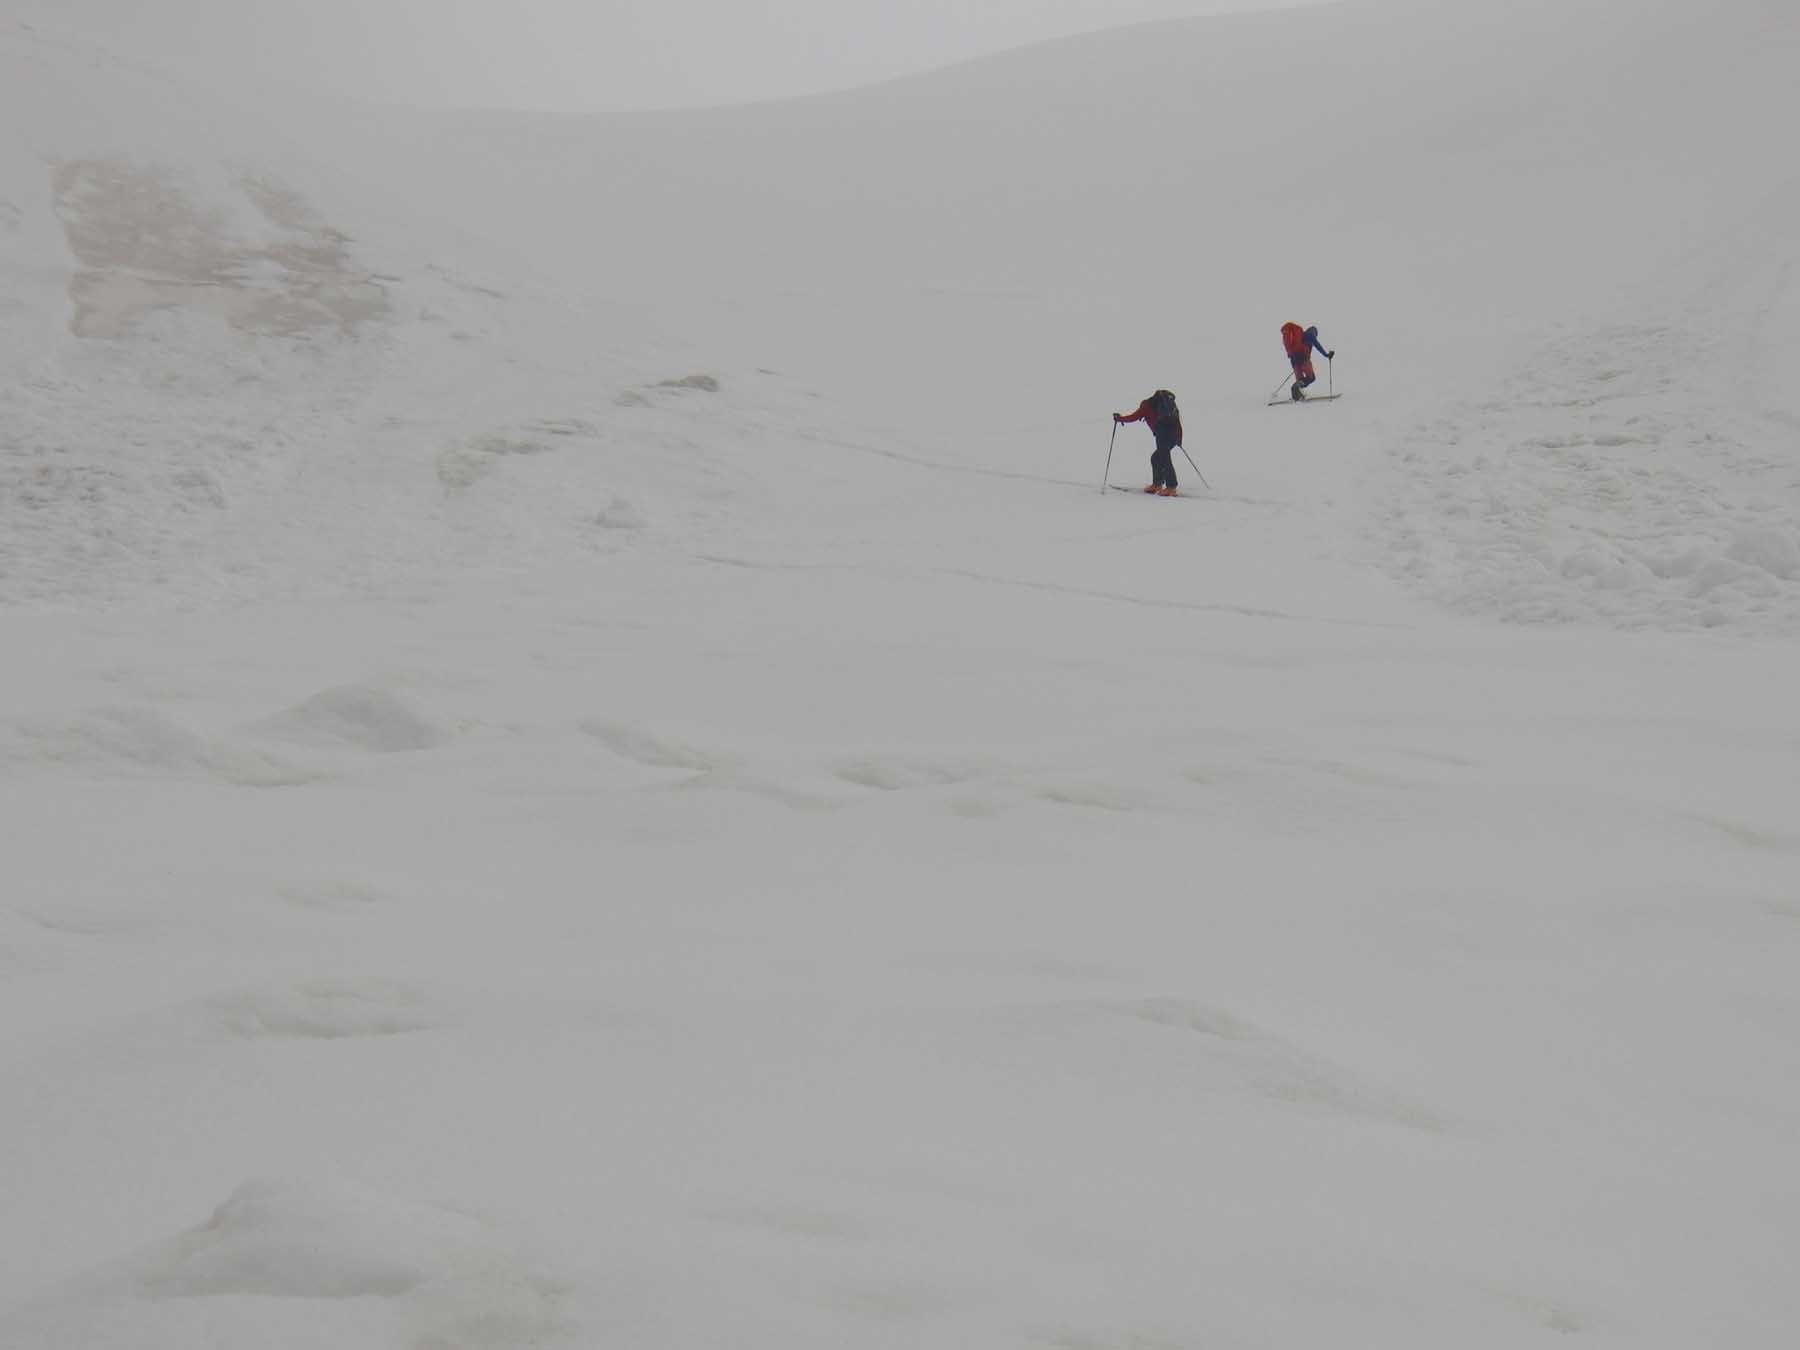 Ancora molta neve ma scarsa visibilità